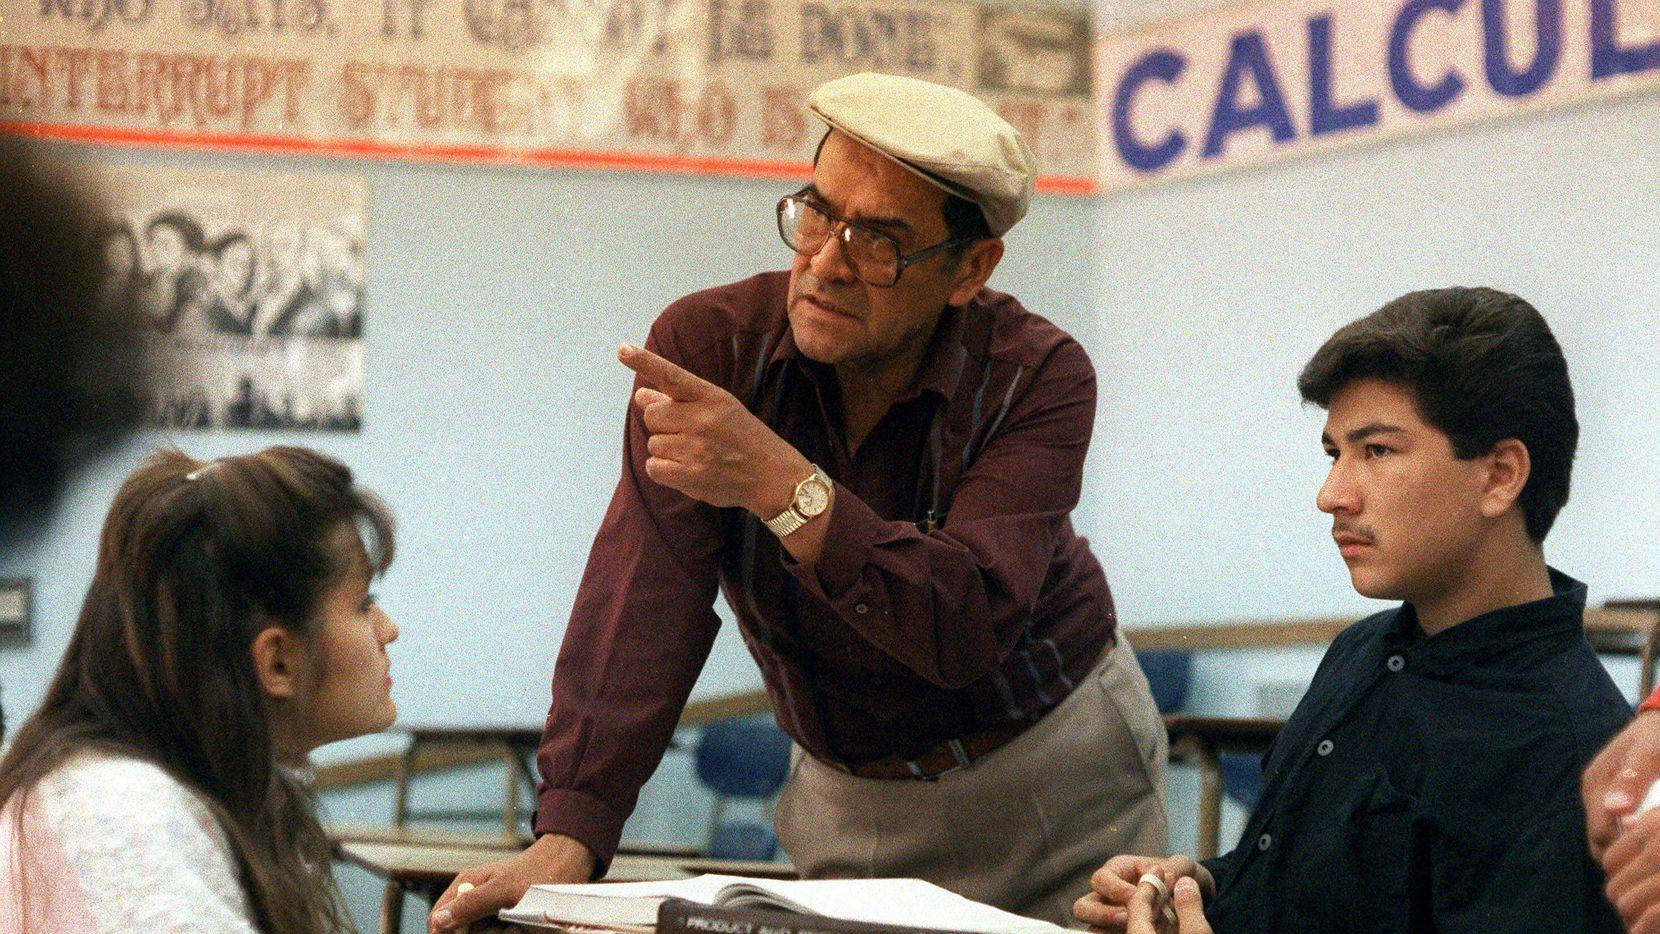 El maestro Jaime Escalante en una fotografía de archivo tomada en 1988. (AP)